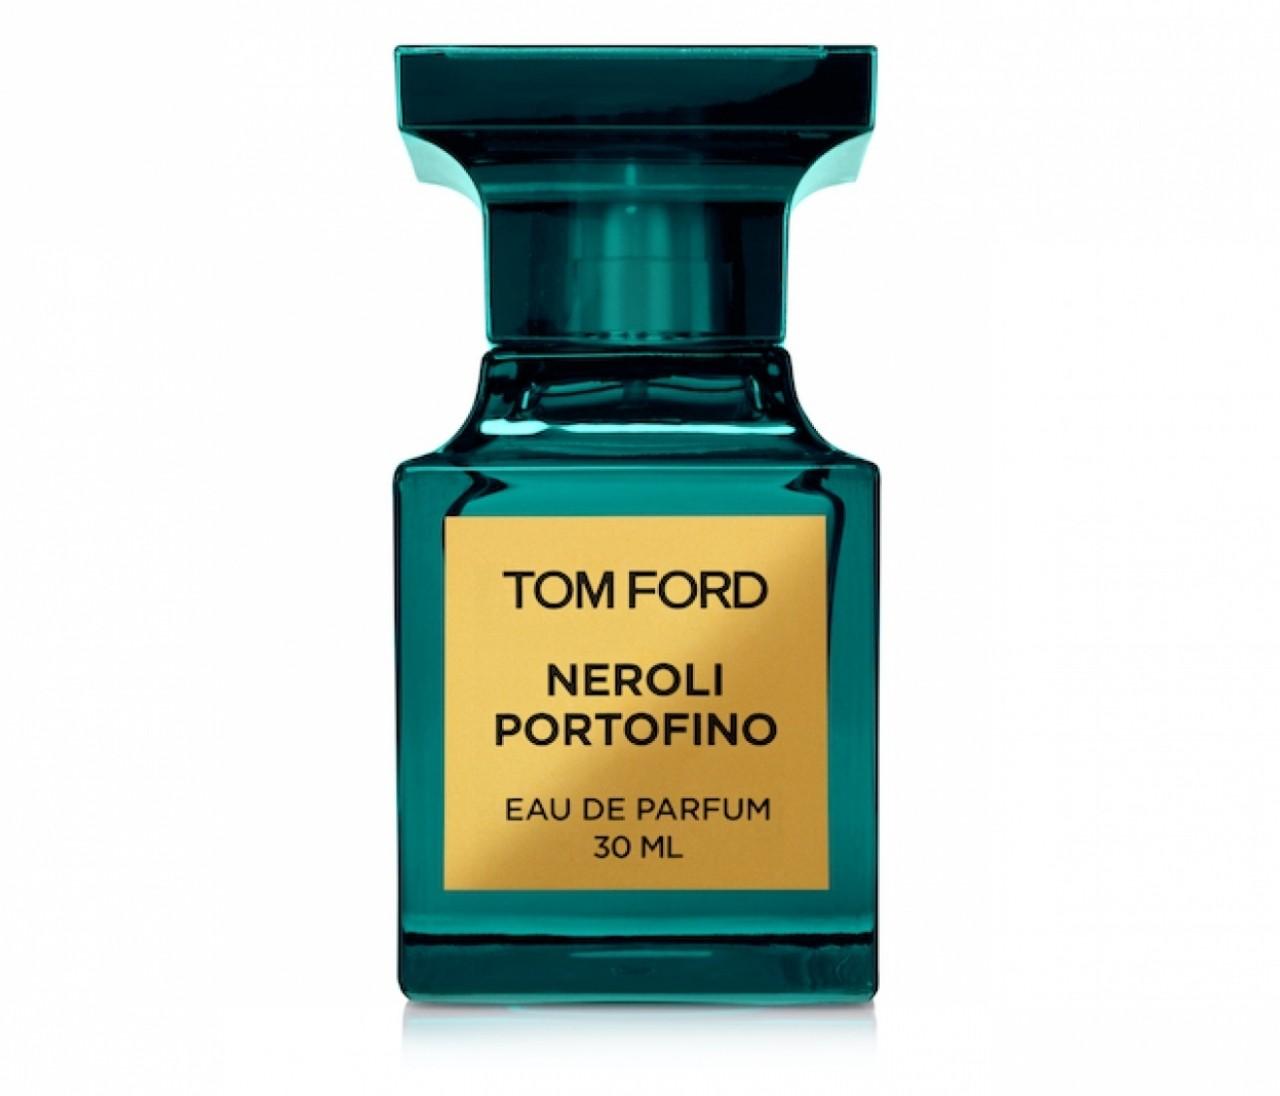 【トム  フォード ビューティ】ユニセックスで使える人気フレグランスから30mlサイズが新登場!憧れの香りがより身近に